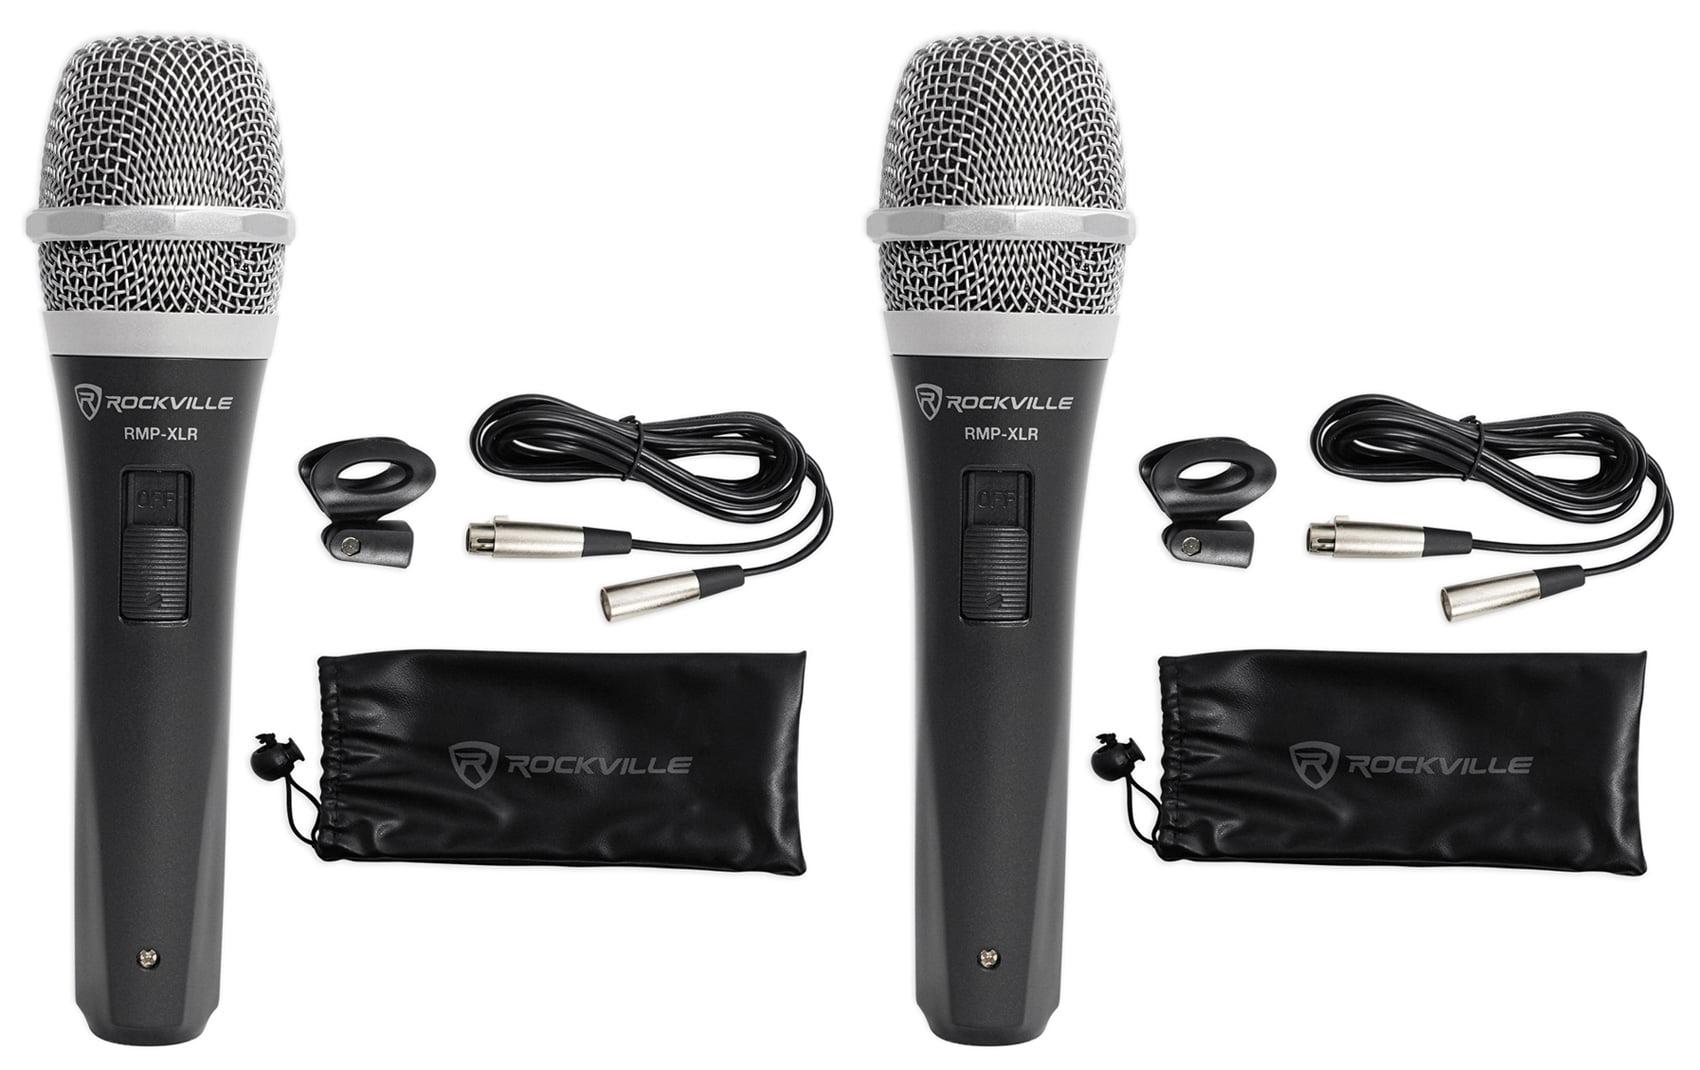 2 Rockville RMP-XLR Dynamic Cardiod Pro Microphones + 10' XLR Cables+2 Clips by ROCKVILLE